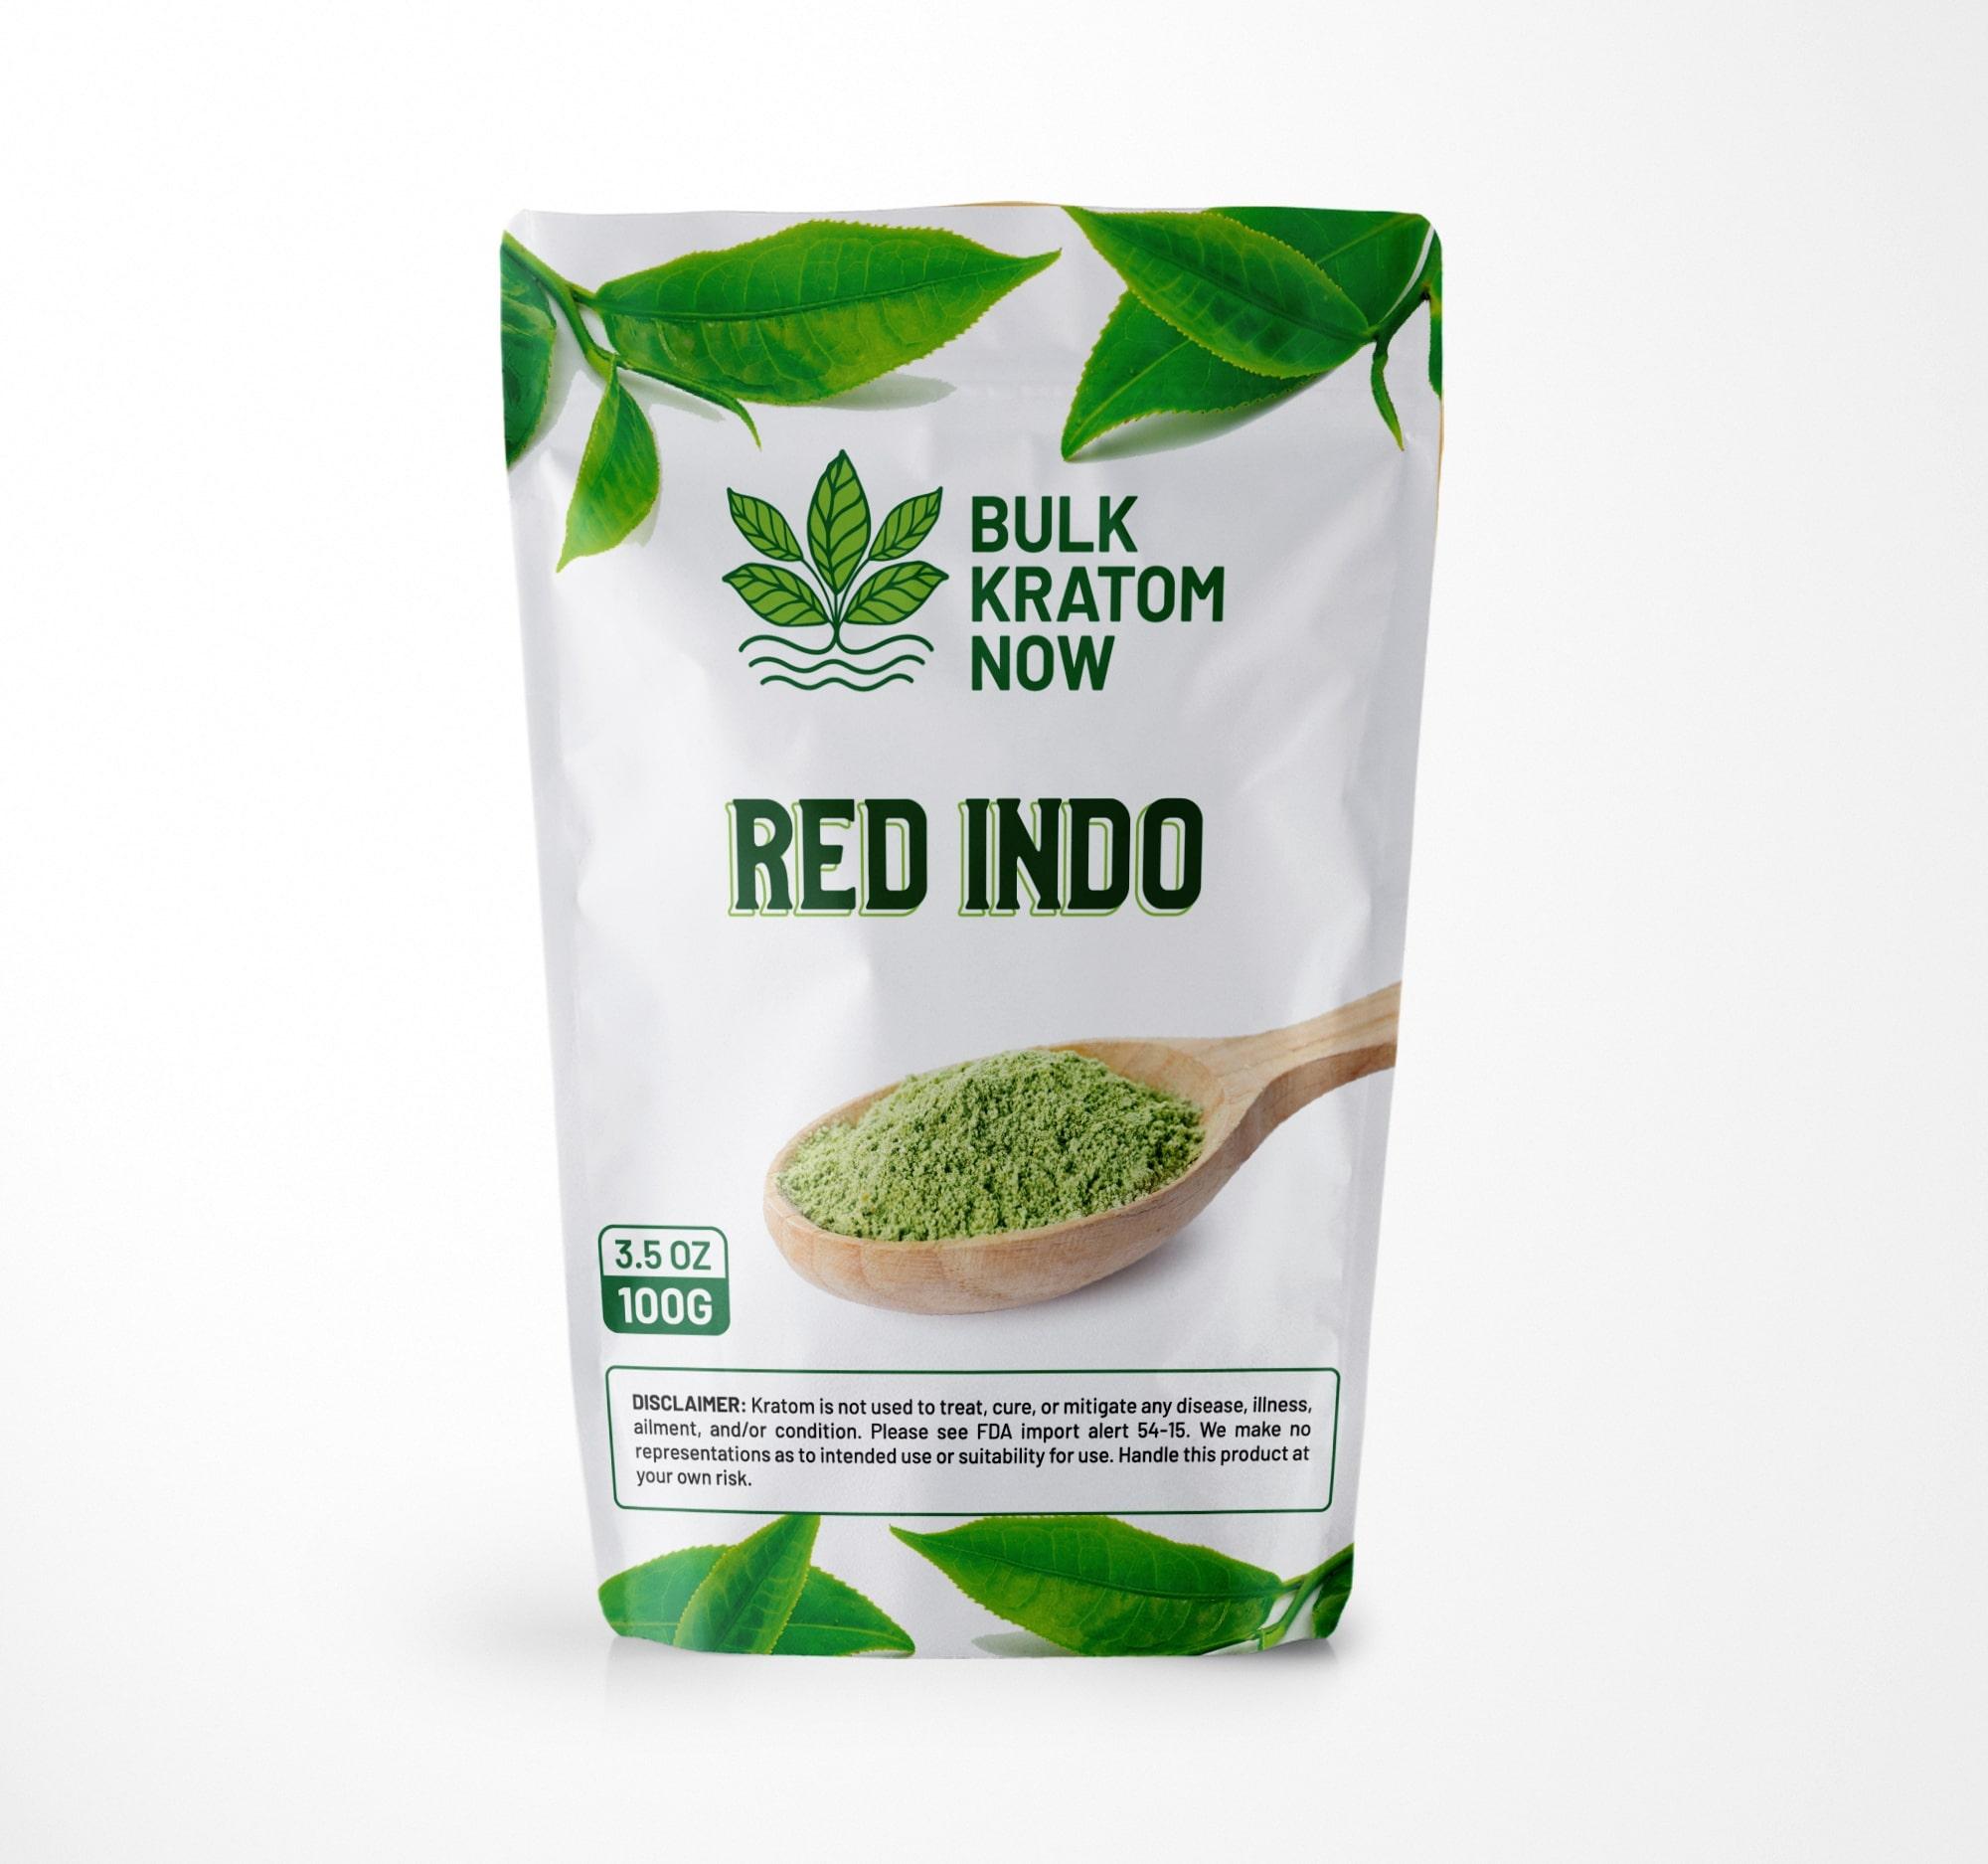 Red Indo Bulk Kratom